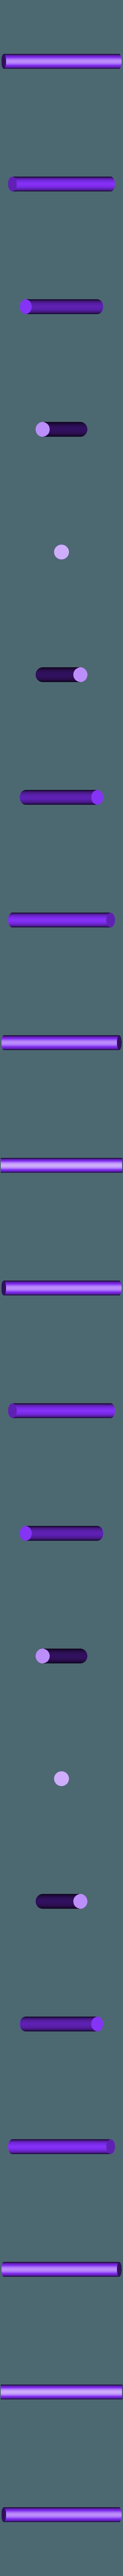 Foot-Left-Pin.stl Download free STL file Big Optimus Prime! - Multi Material Model • 3D printer model, ChaosCoreTech